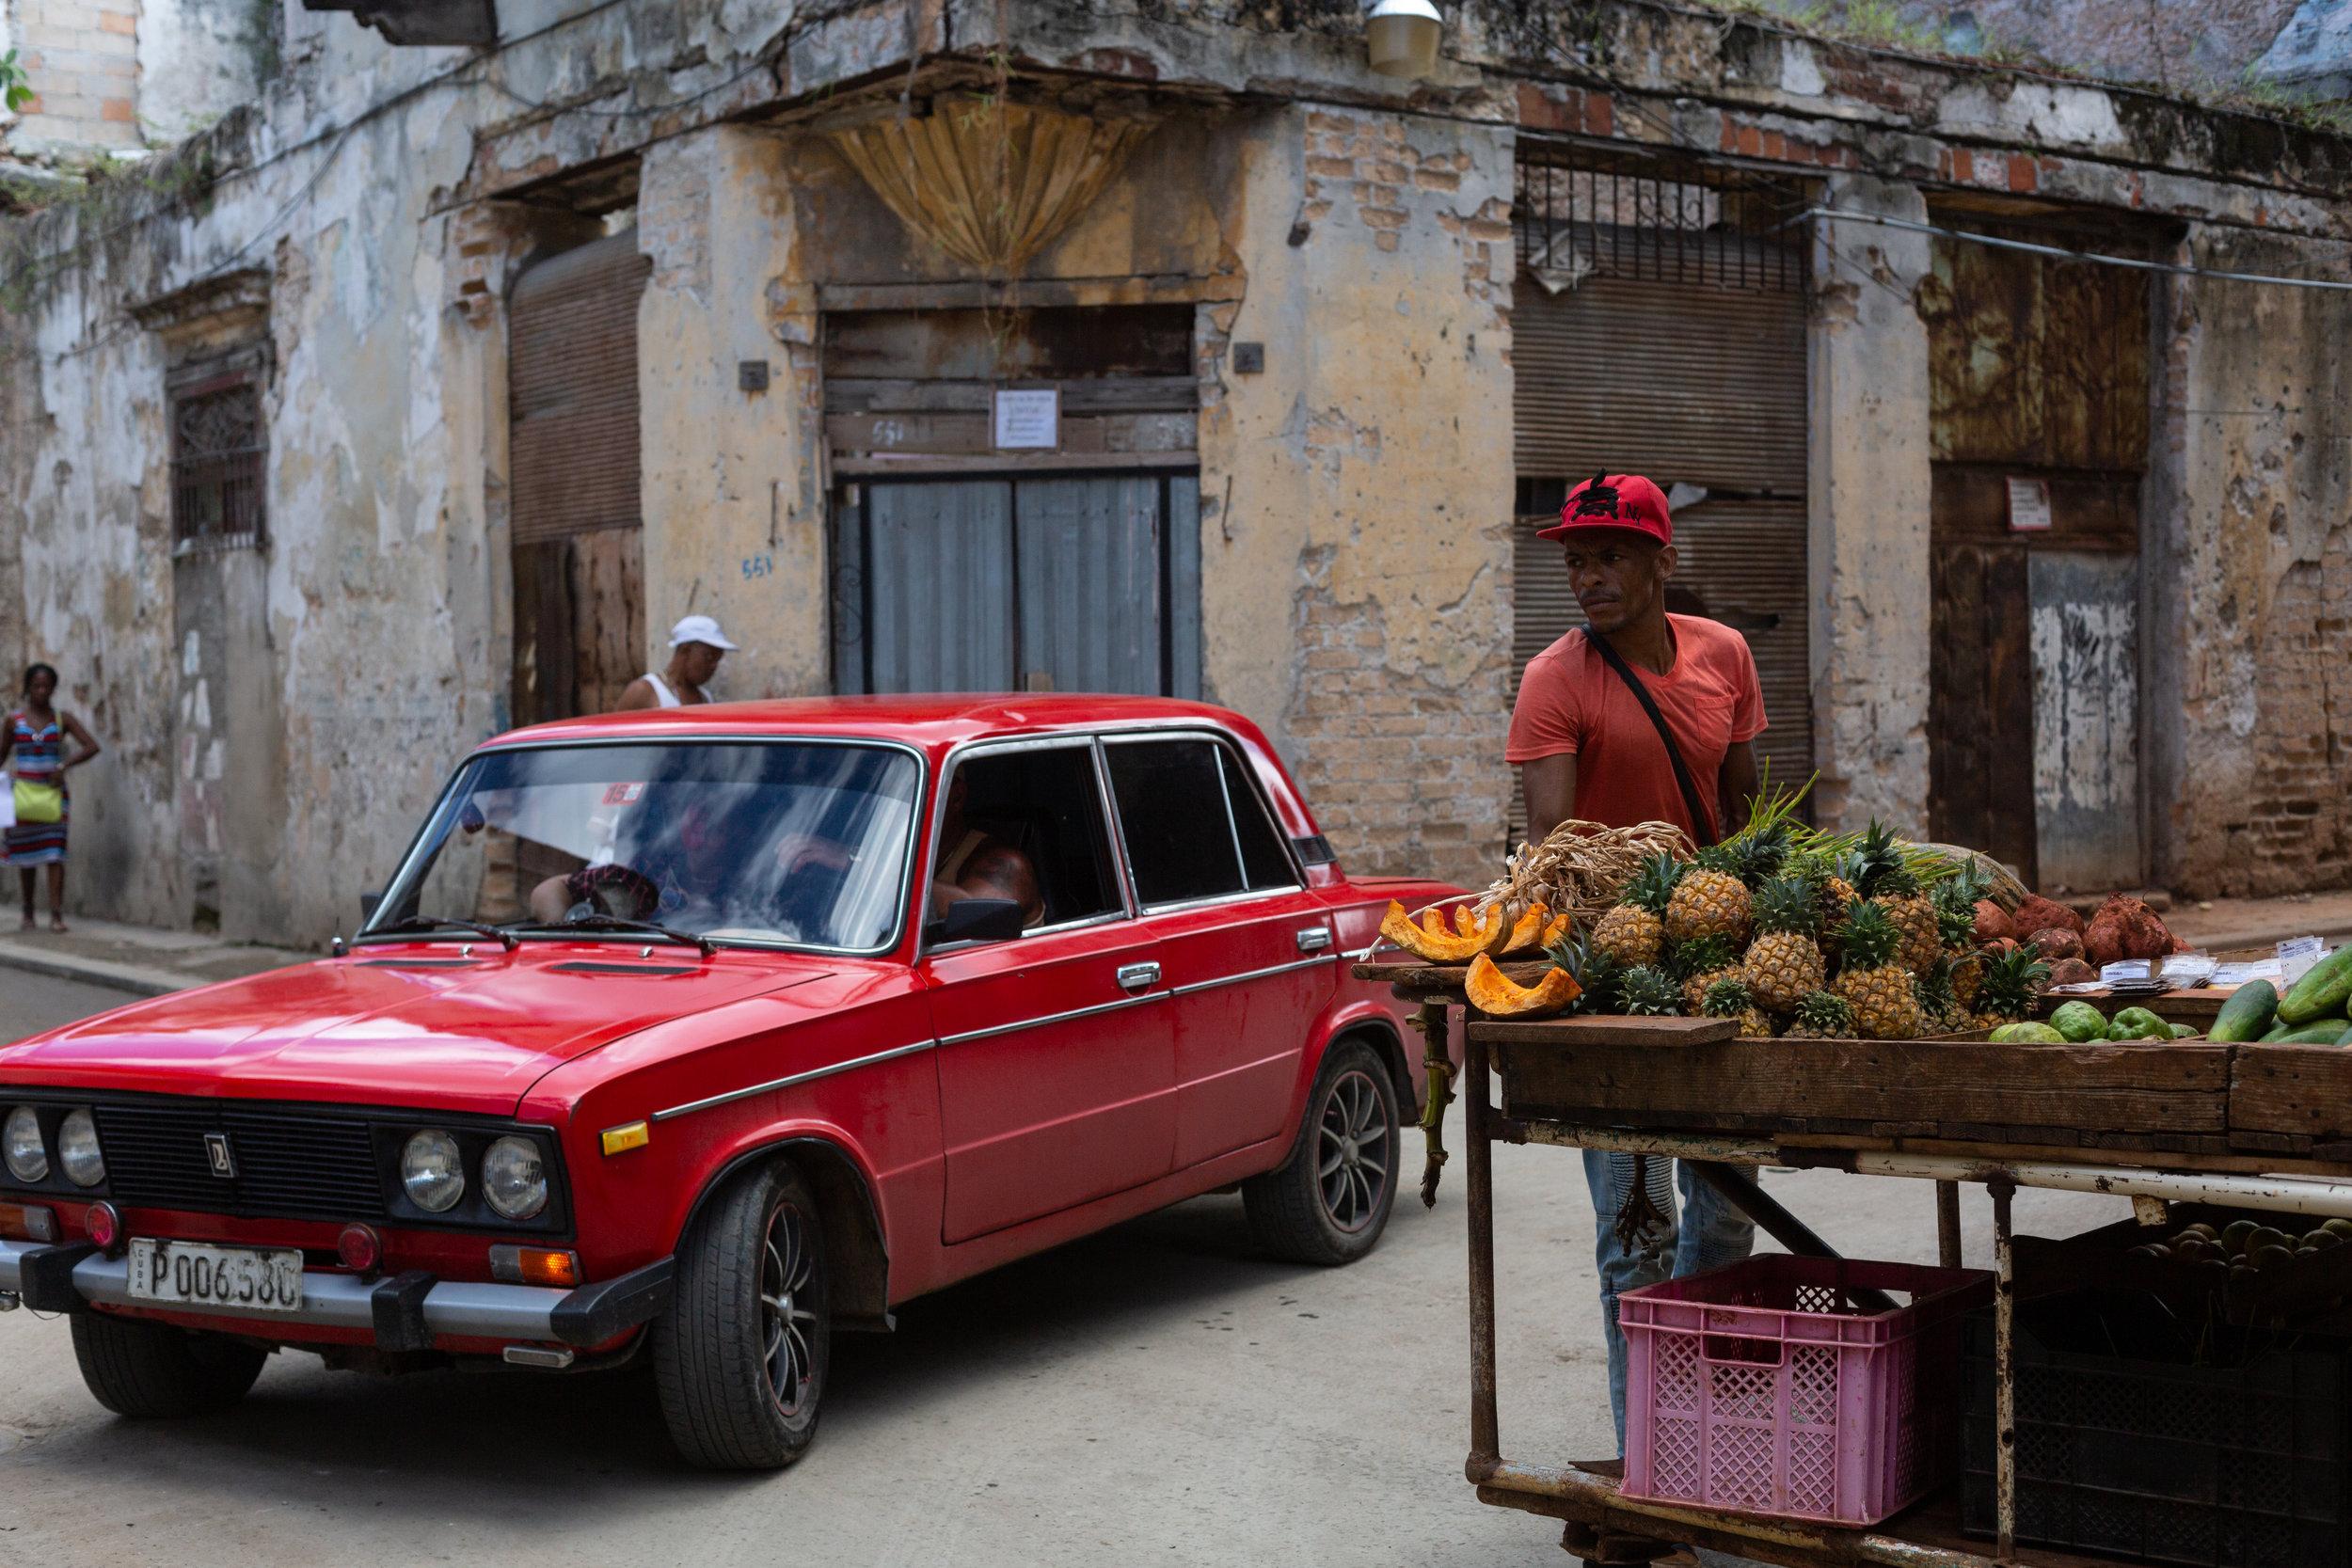 Cuba_Havana_2017_2-2.JPG